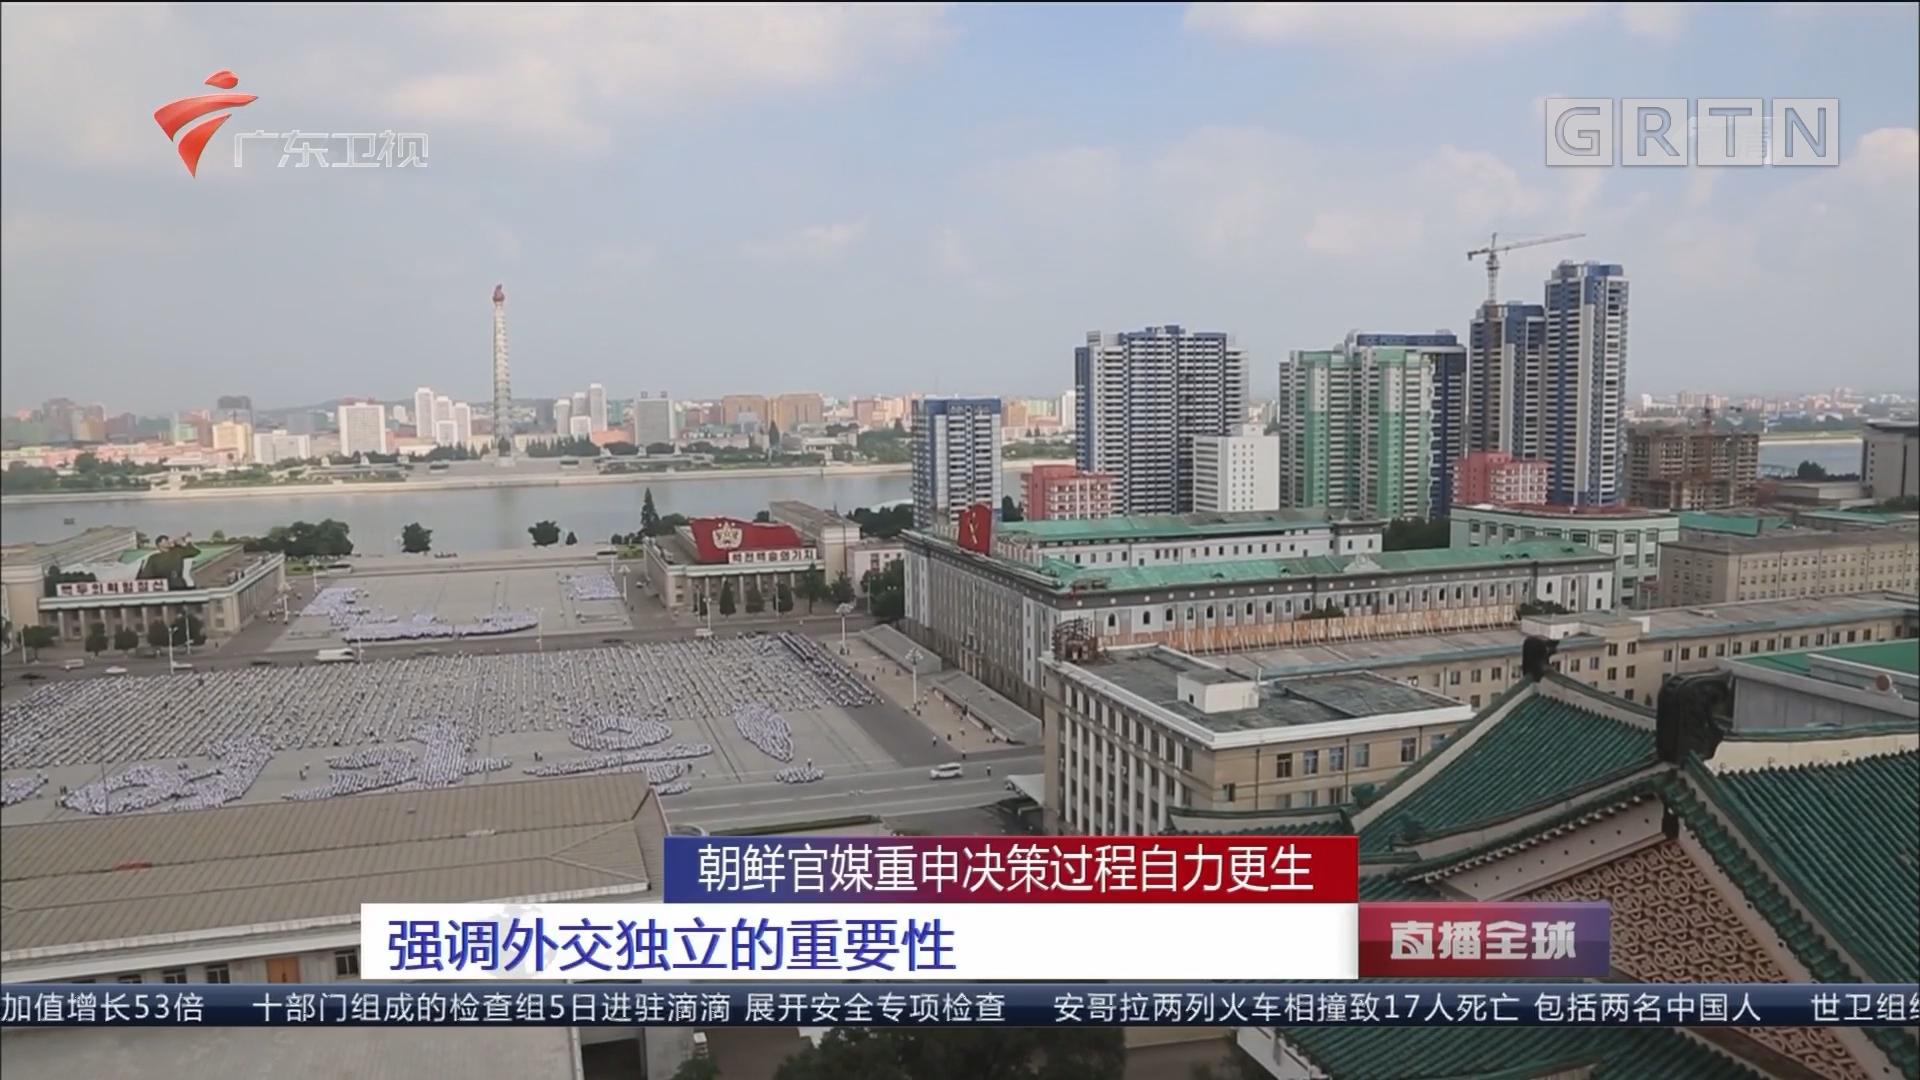 朝鲜官媒重申决策过程自力更生:强调外交独立的重要性